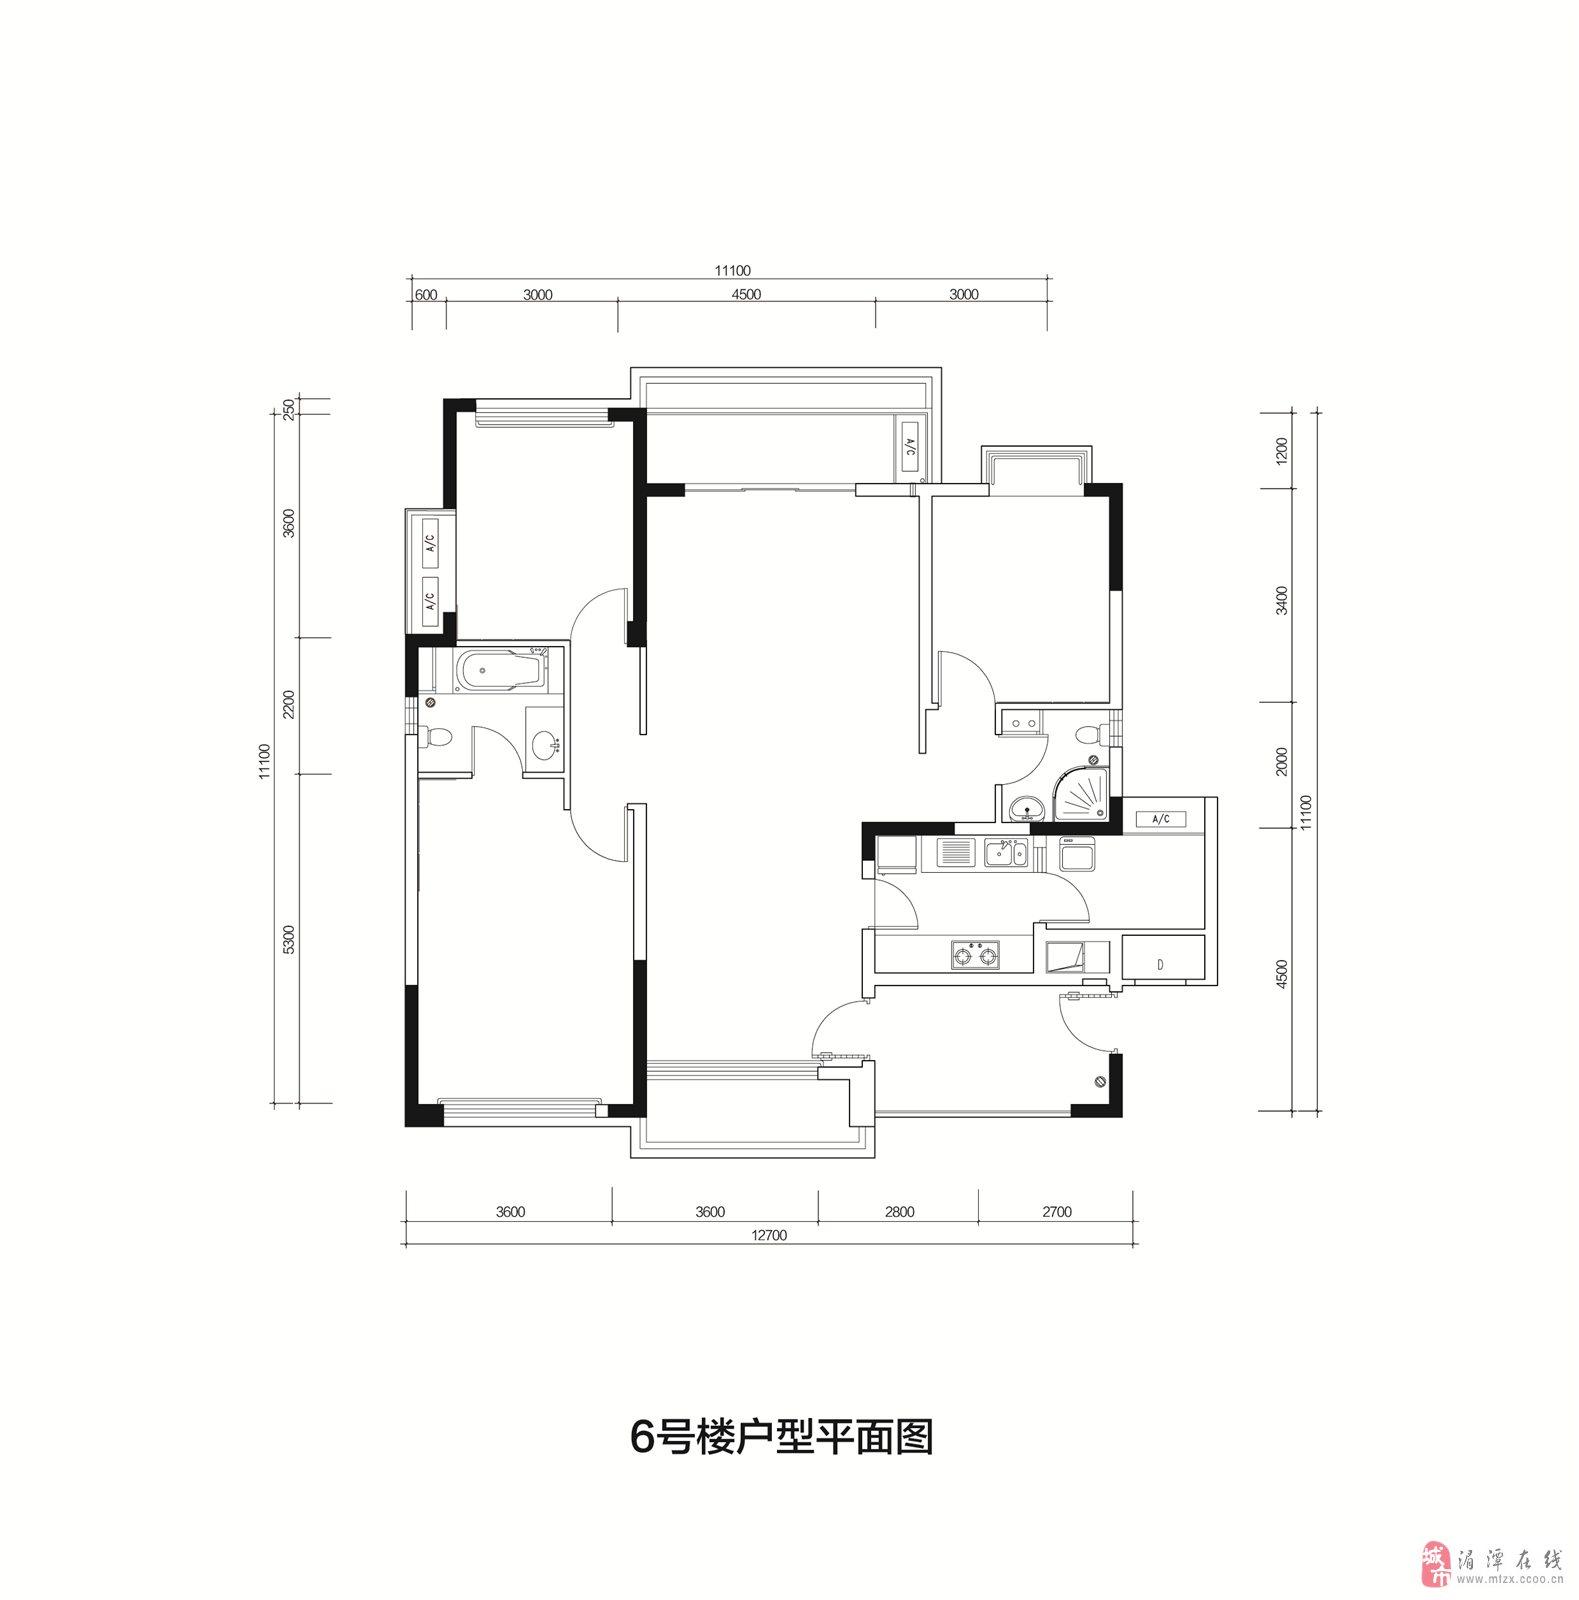 6米的铺面房子设计图展示